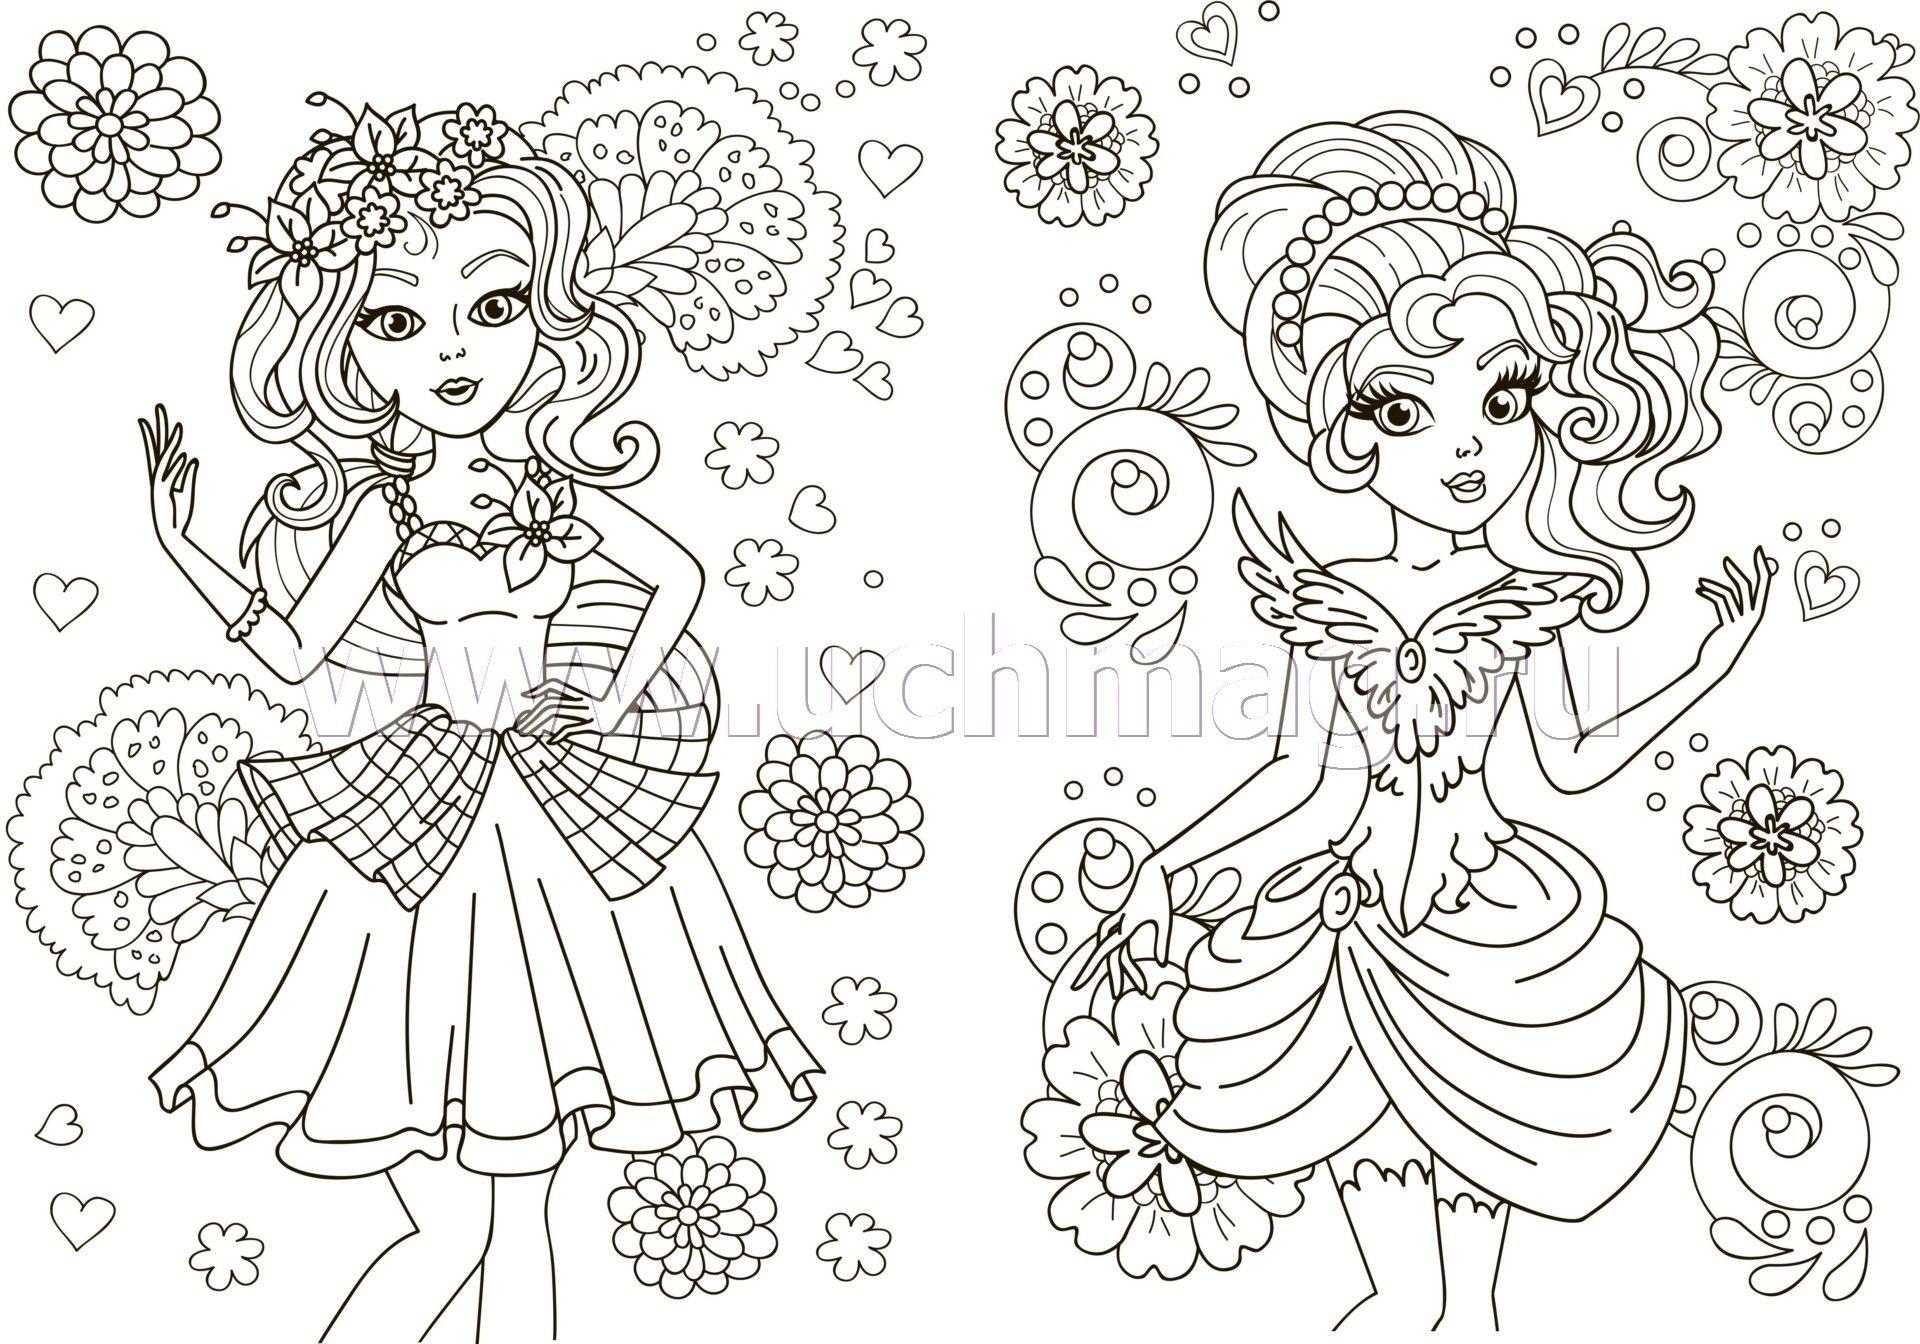 """Книжка-раскраска """"Волшебные принцессы"""": для детей 5-8 лет ..."""